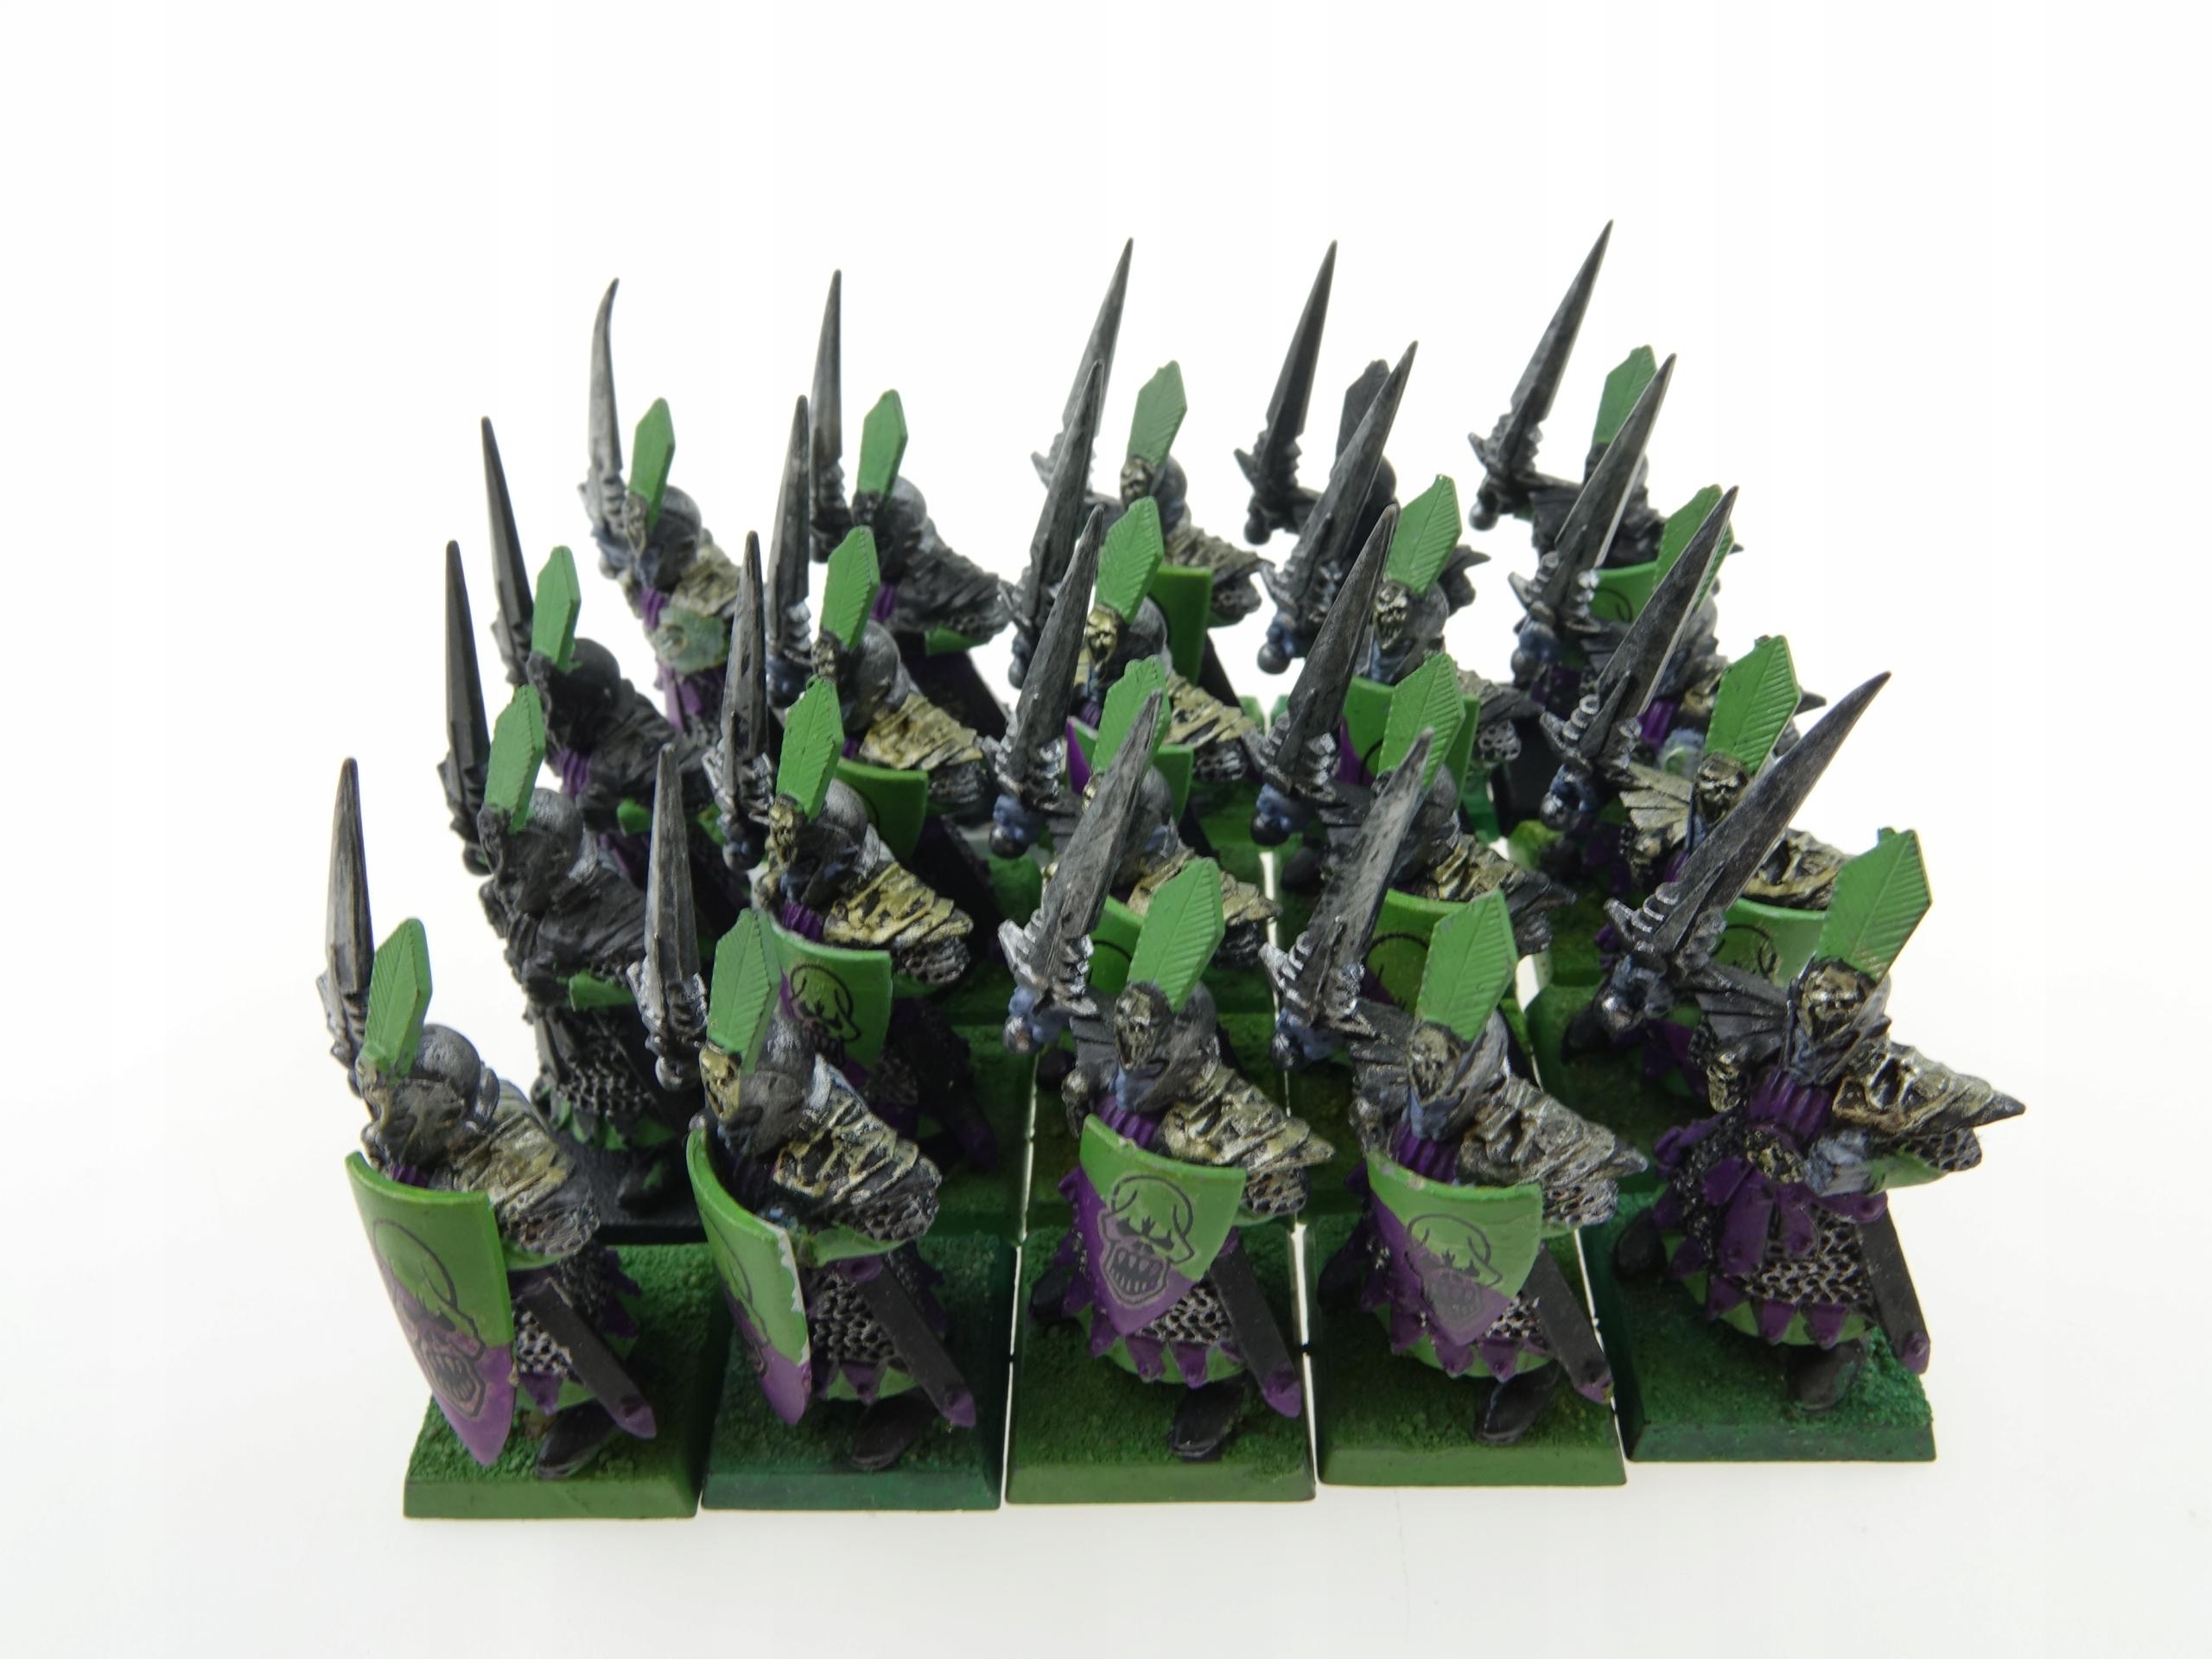 Warhammer Dark Elf Warriors Nastavili 20 obrázkov